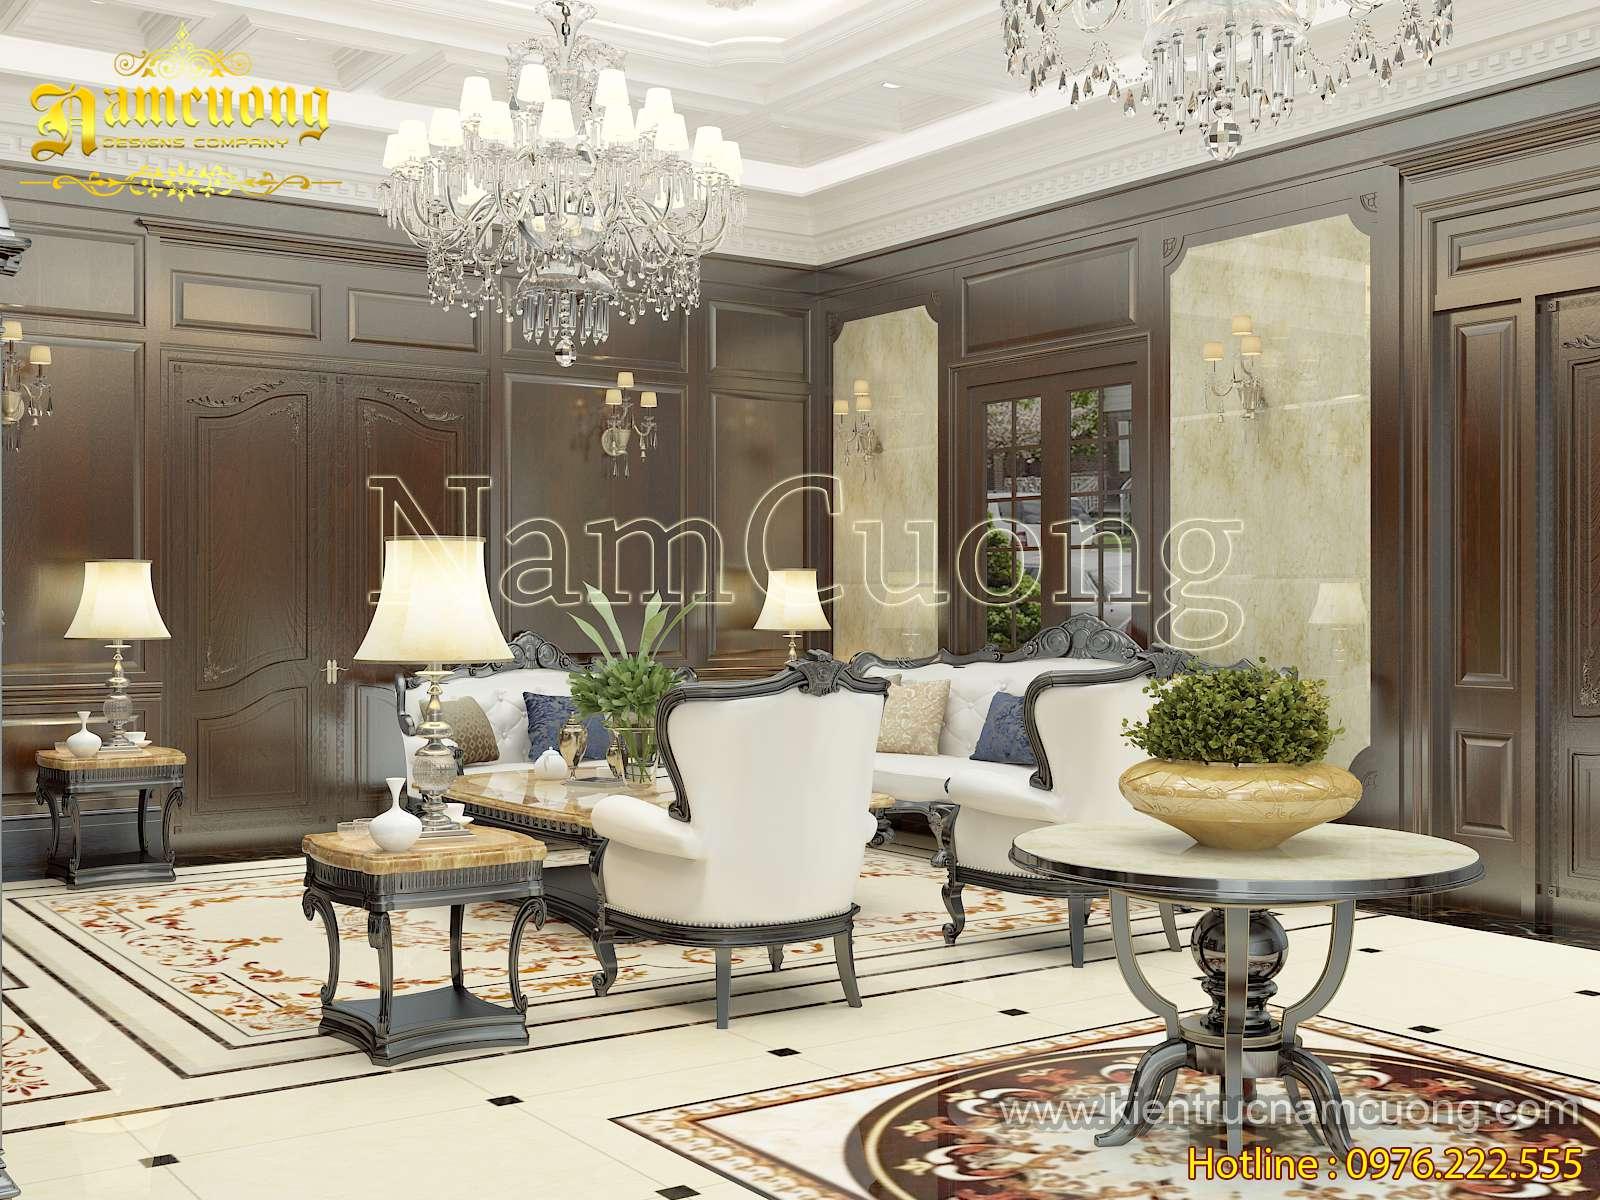 Thiết kế nội thất phòng khách và bếp ăn biệt thự tân cổ điển